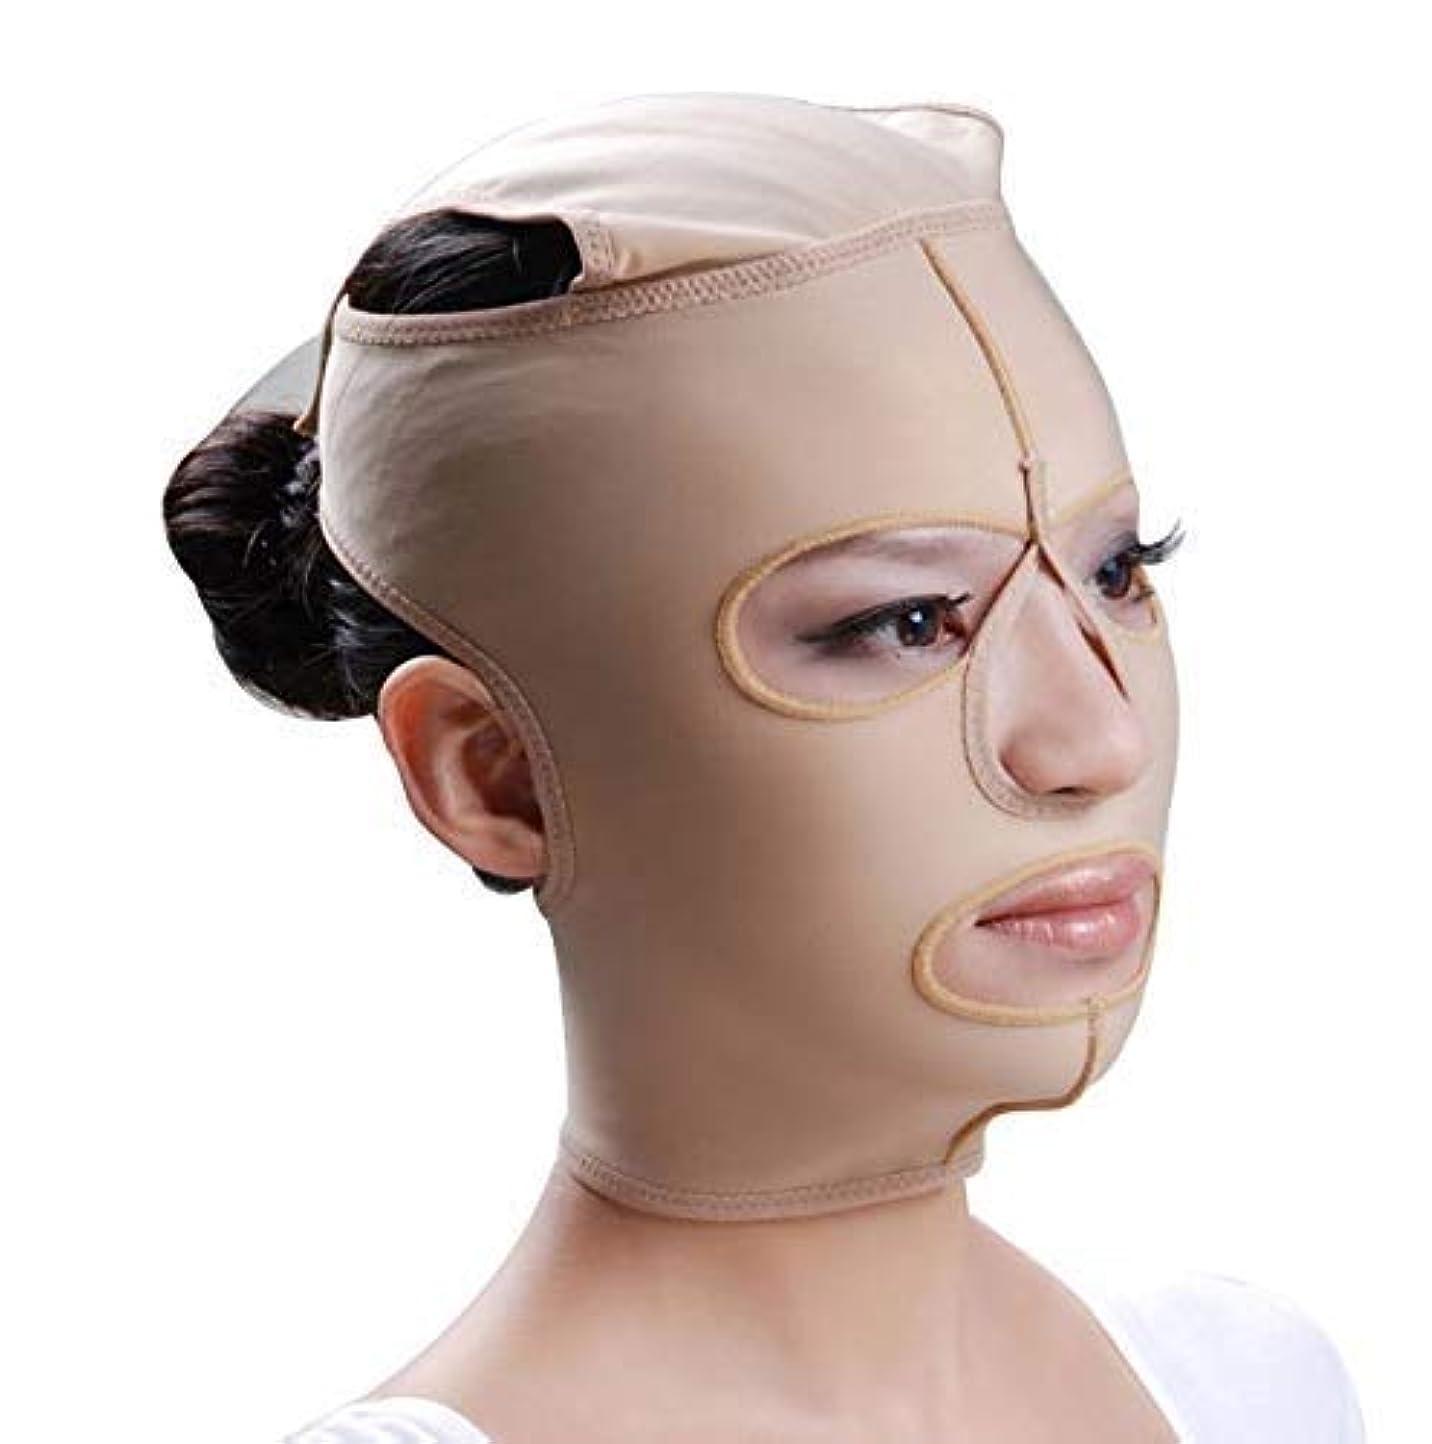 ホイップ宴会滑りやすいファーミングフェイスマスク、フェイシャルマスク弾性フェイスリフティングリフティングファーミングパターンマイクロフィニッシングポストモデリングコンプレッションフェイスマスク(サイズ:L)